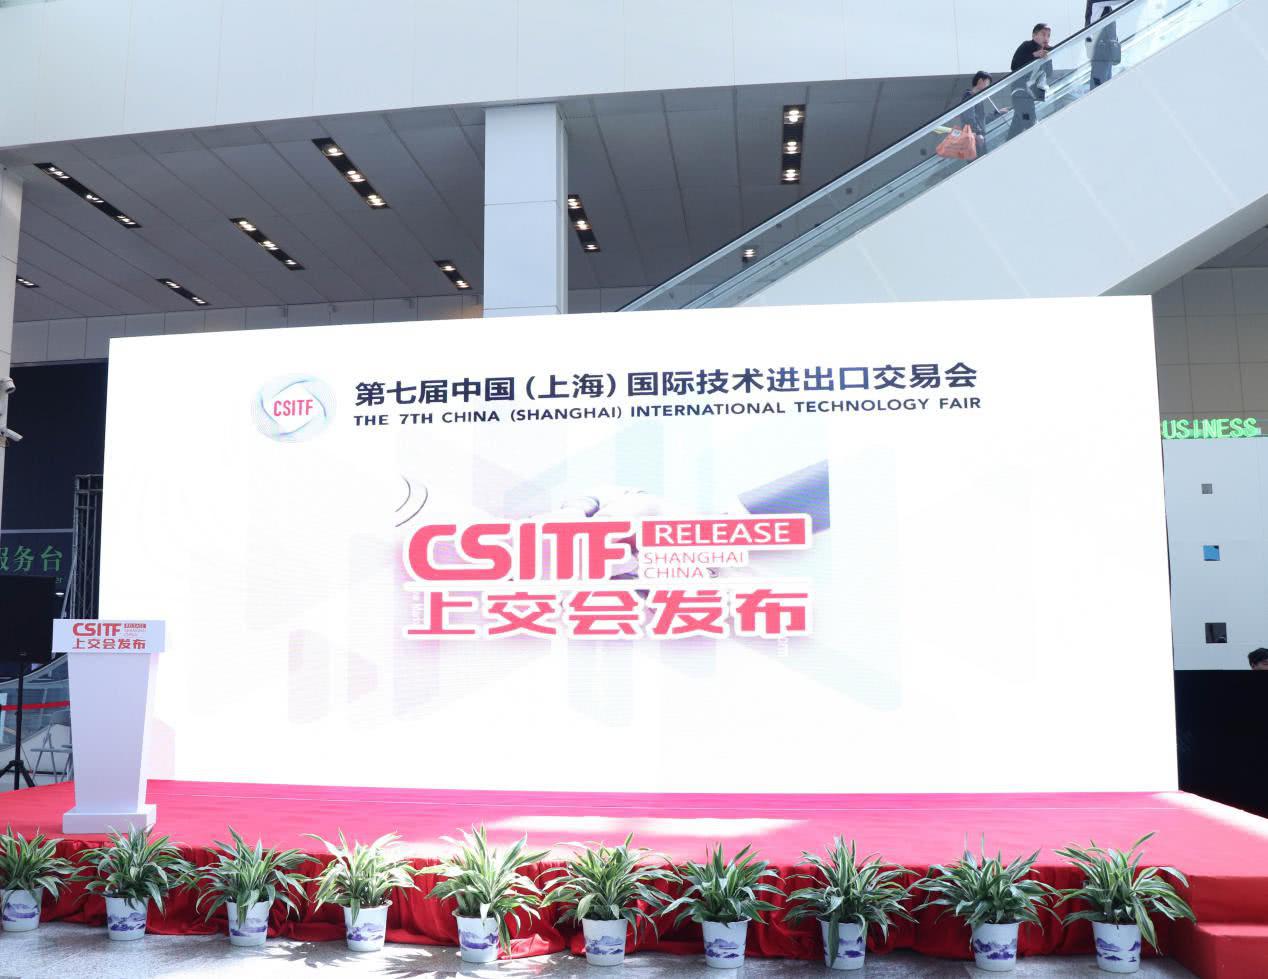 2019上交会,聚焦中国生物医药最具发展潜力的企业(转自澎湃)